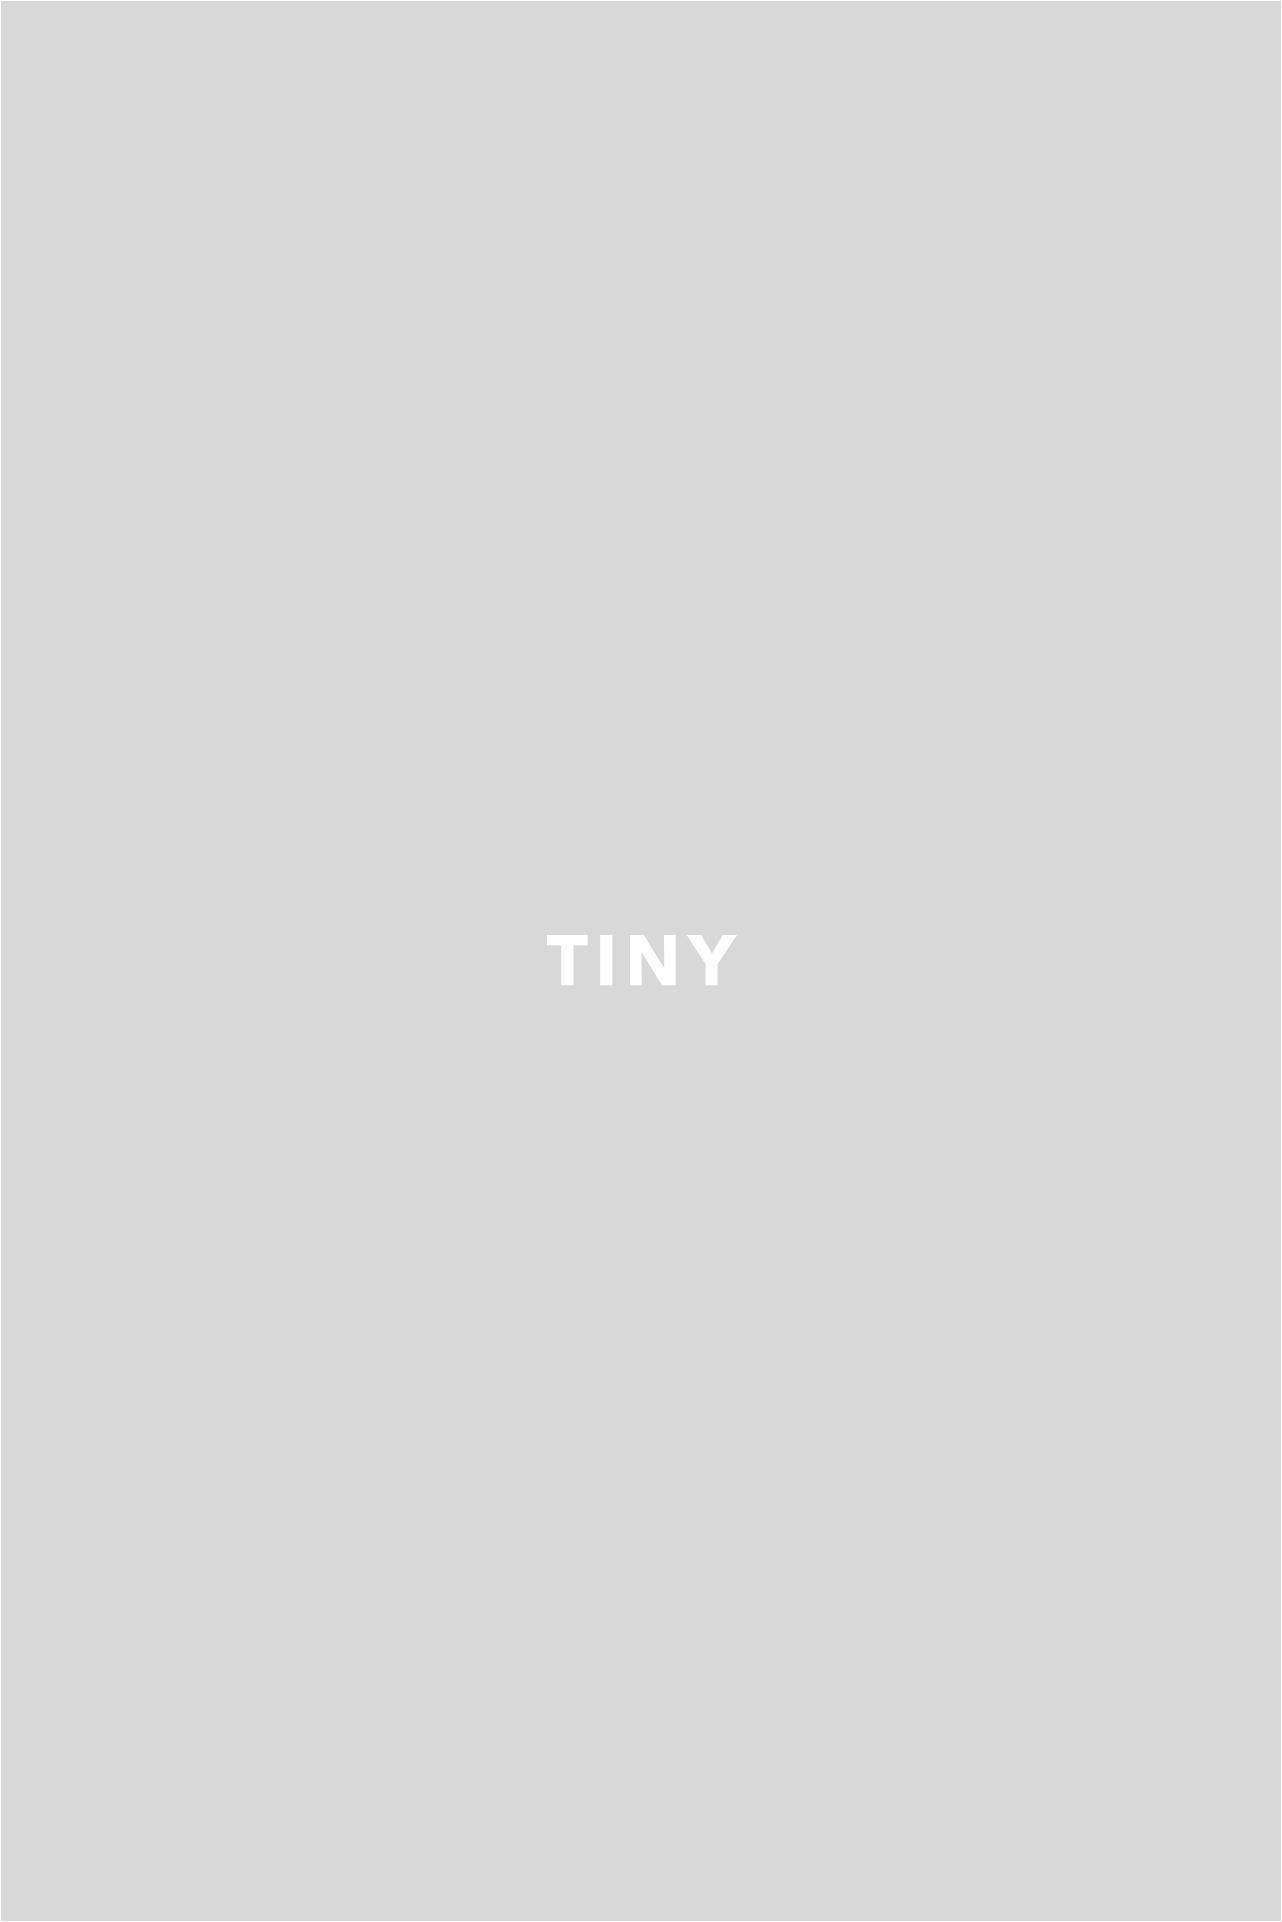 Adidas Campus - legend ivy/ftwr white/ftwr white